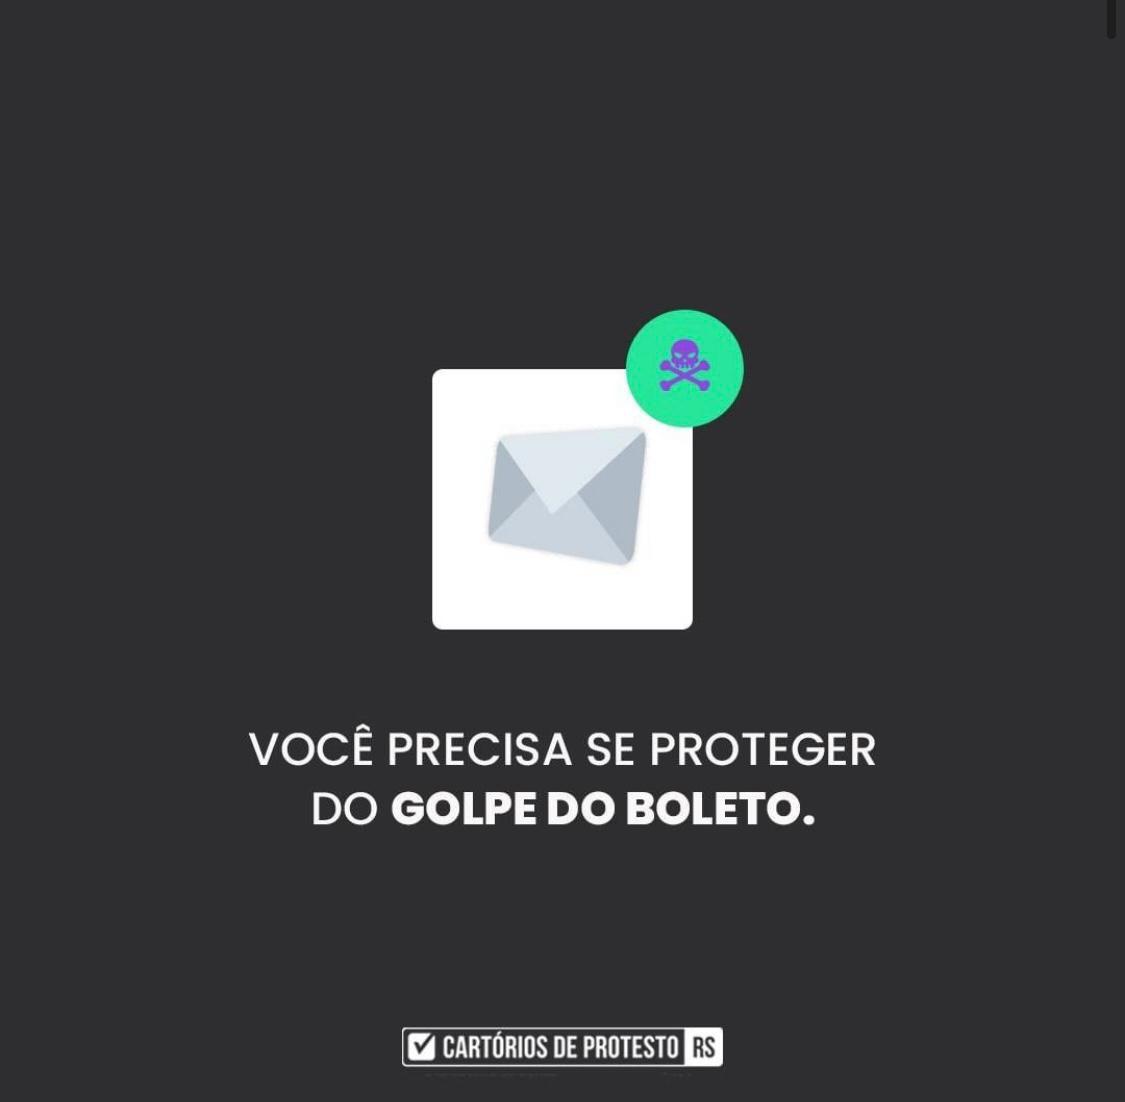 GOLPE DO BOLETO